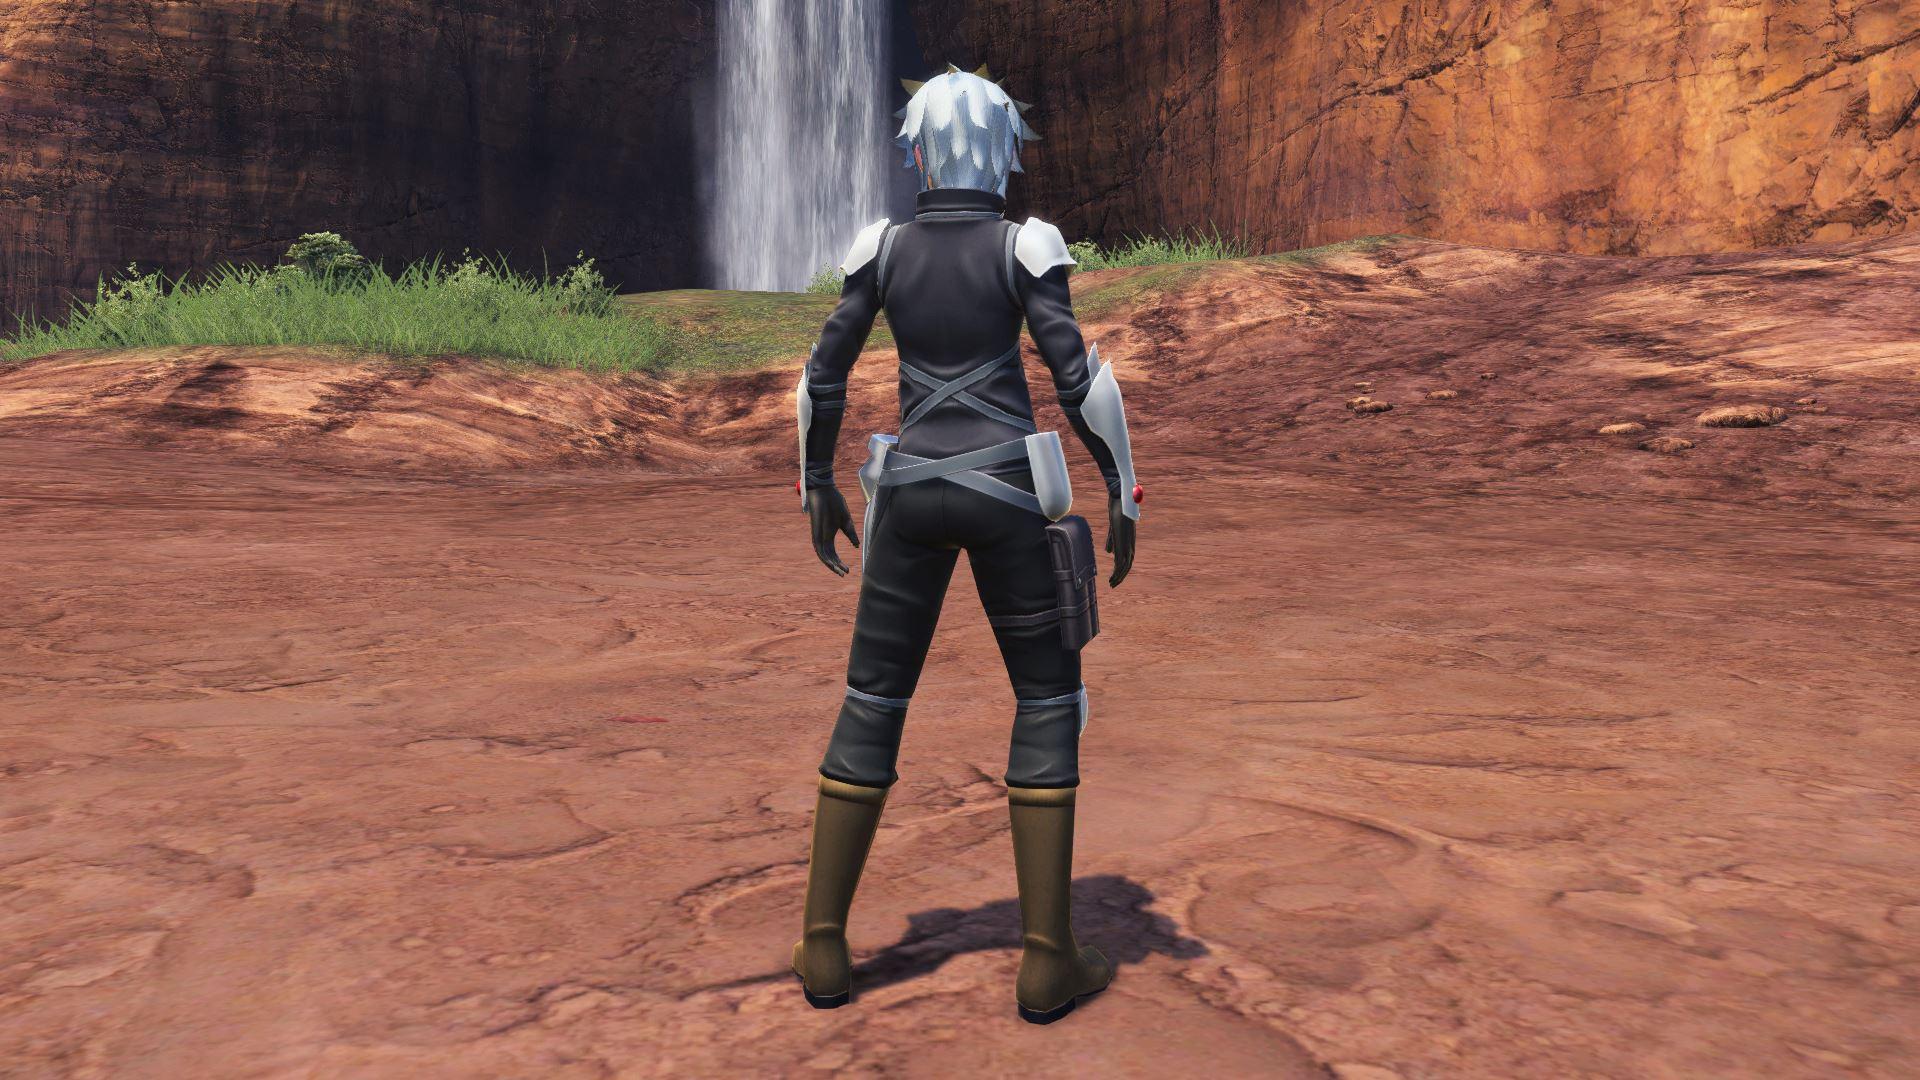 【ヘスティア・ファミリア】に所属する冒険者ベル・クラネルの服装を模して作られた衣装